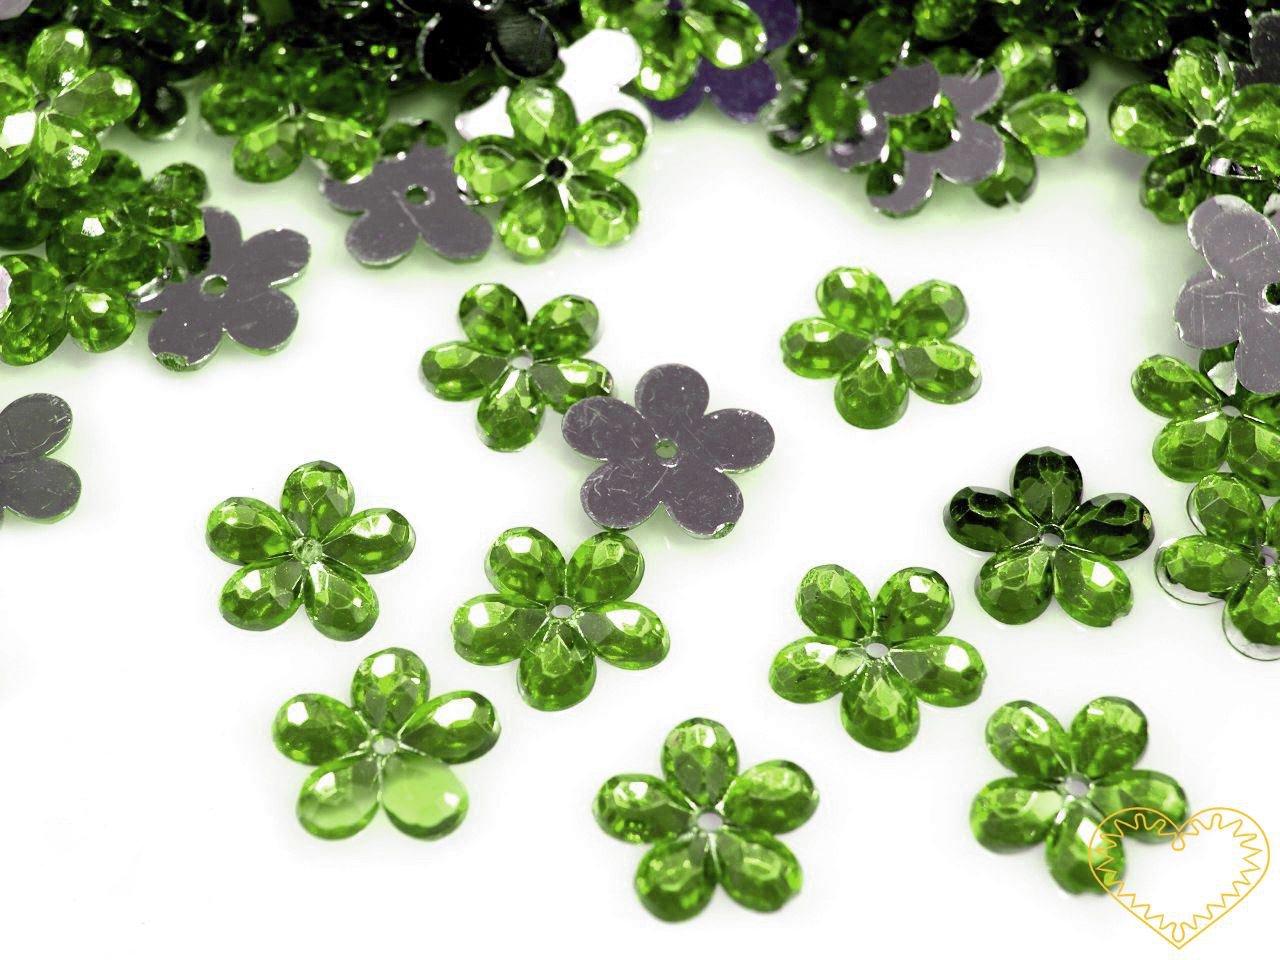 Našívací kytičky zelené Ø 11 mm -20 ks. Vhodné k dekorování tašek, kabelek, triček, klobouků, čepic, bot, bytového textilu, při výrobě maňásků, panenek, přáníček ad.